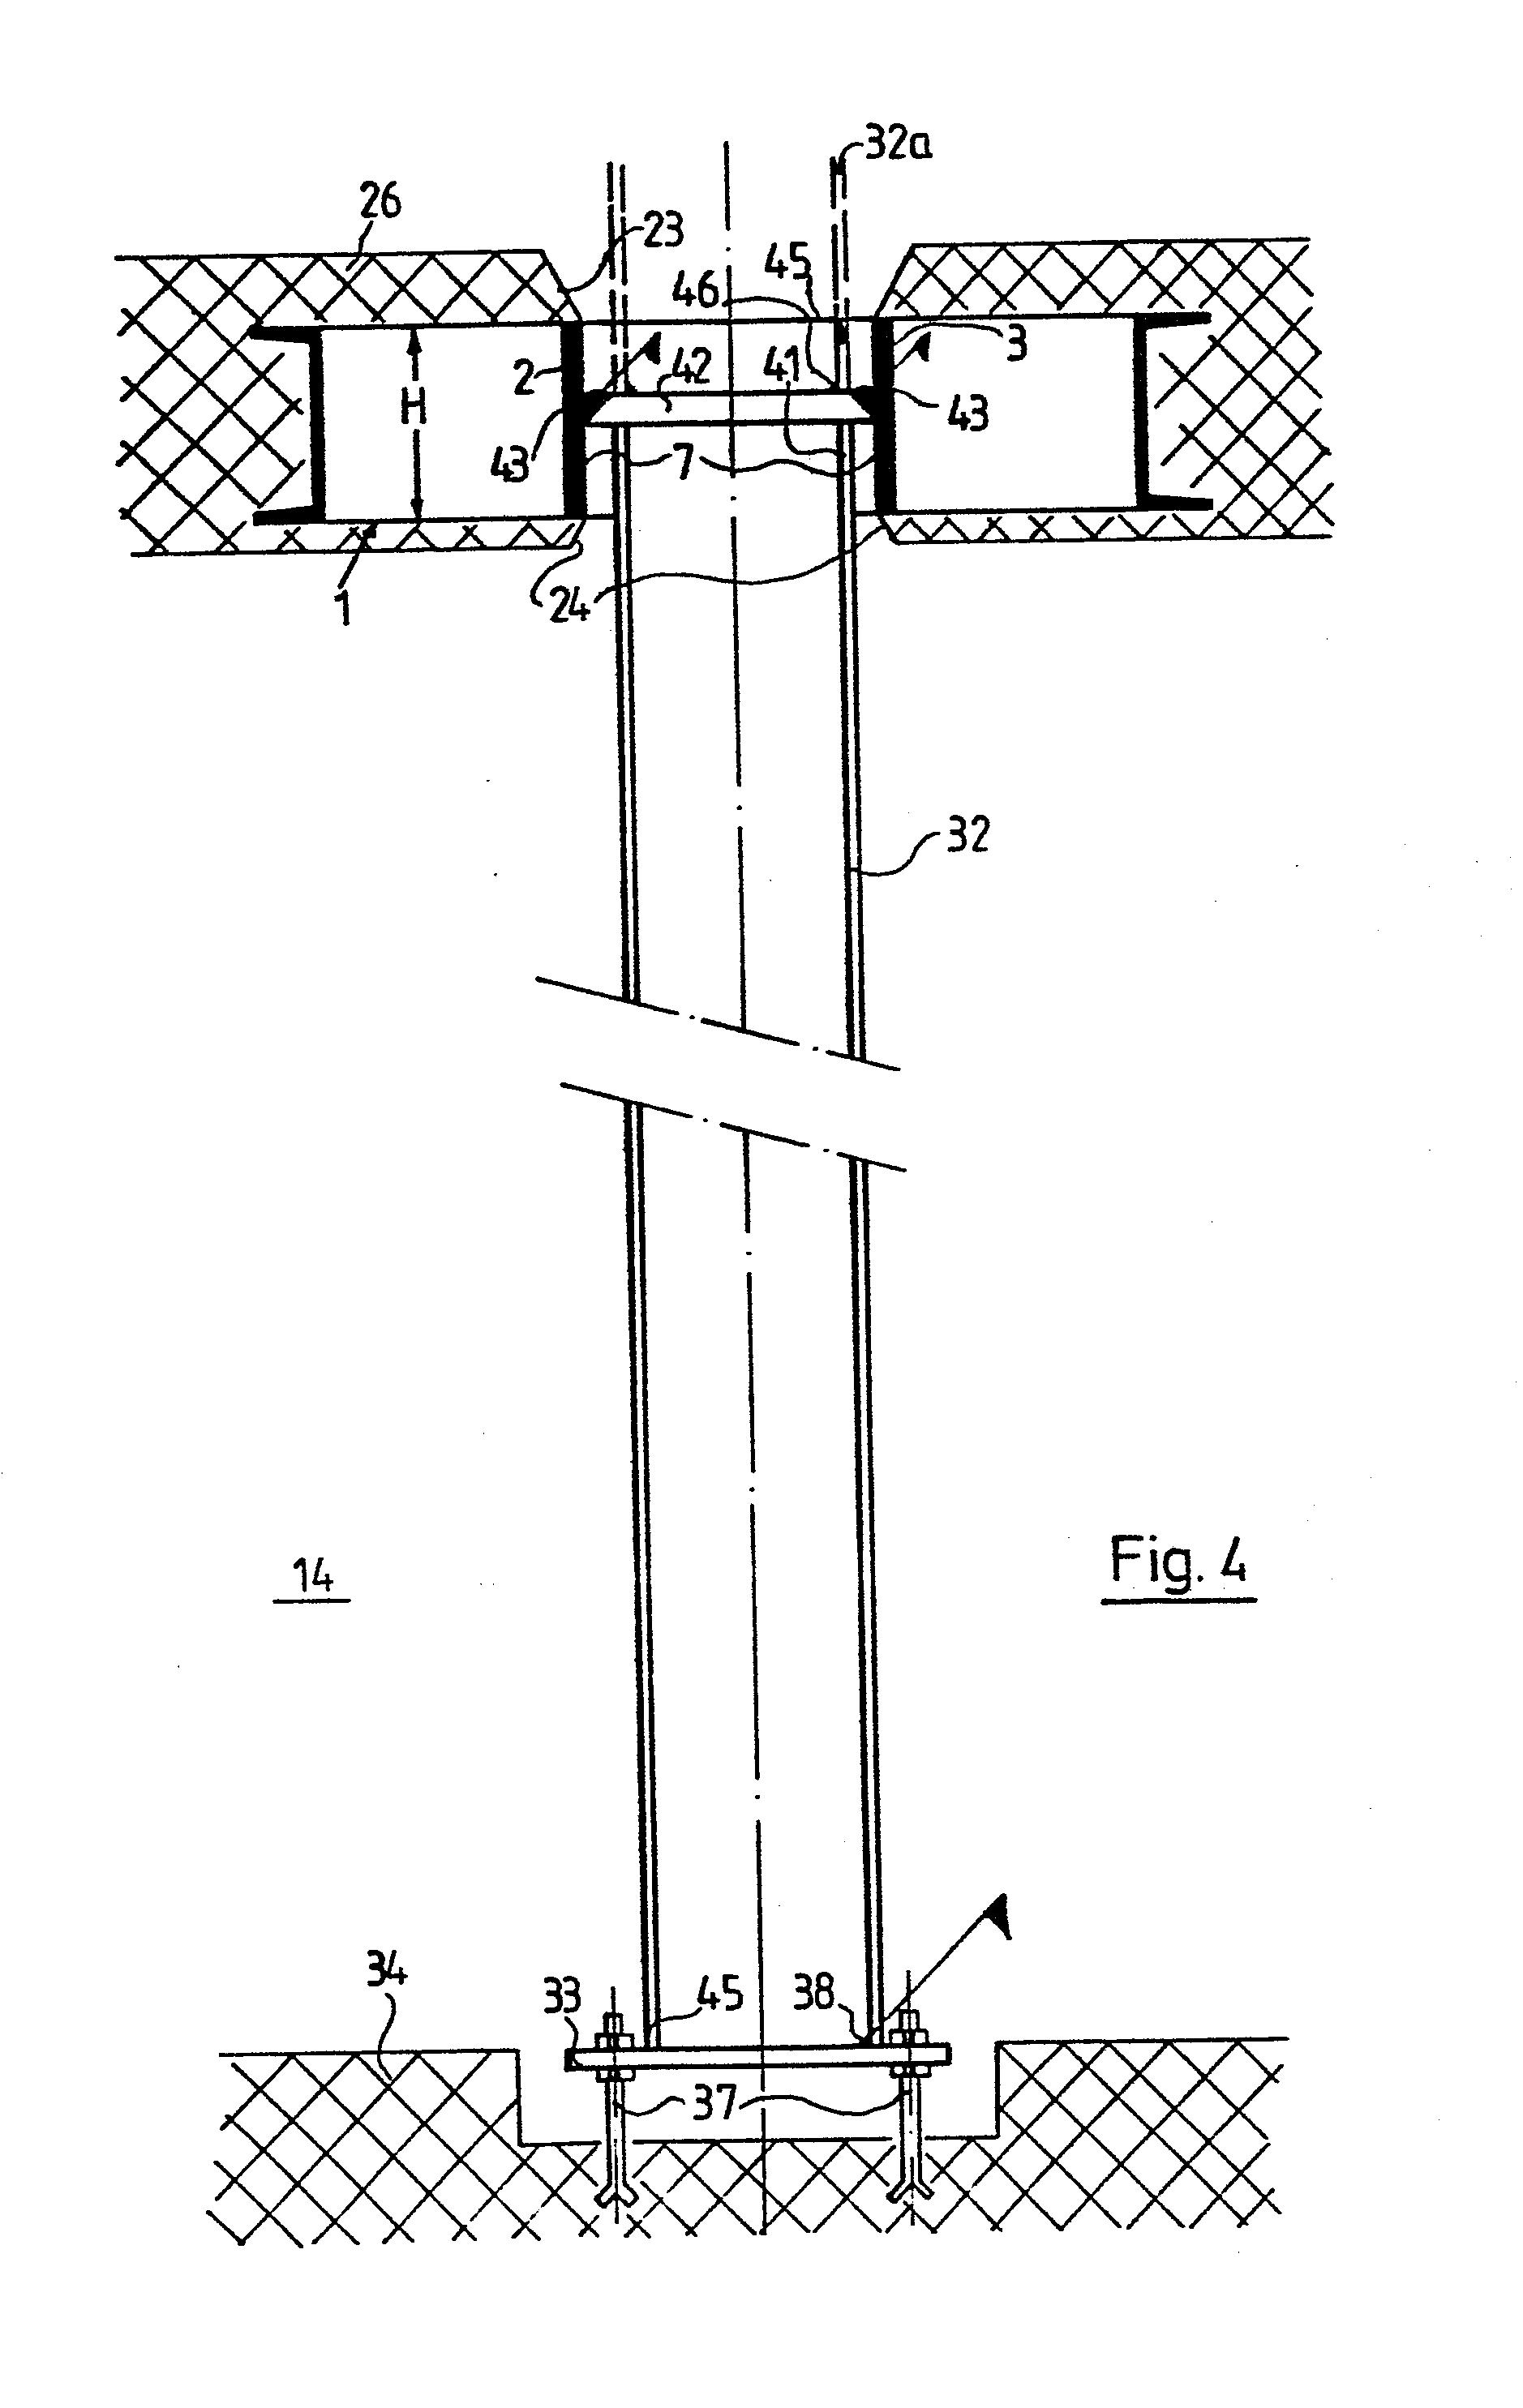 patent ep0128994a1 verfahren zur herstellung eines bauwerkes google patents. Black Bedroom Furniture Sets. Home Design Ideas